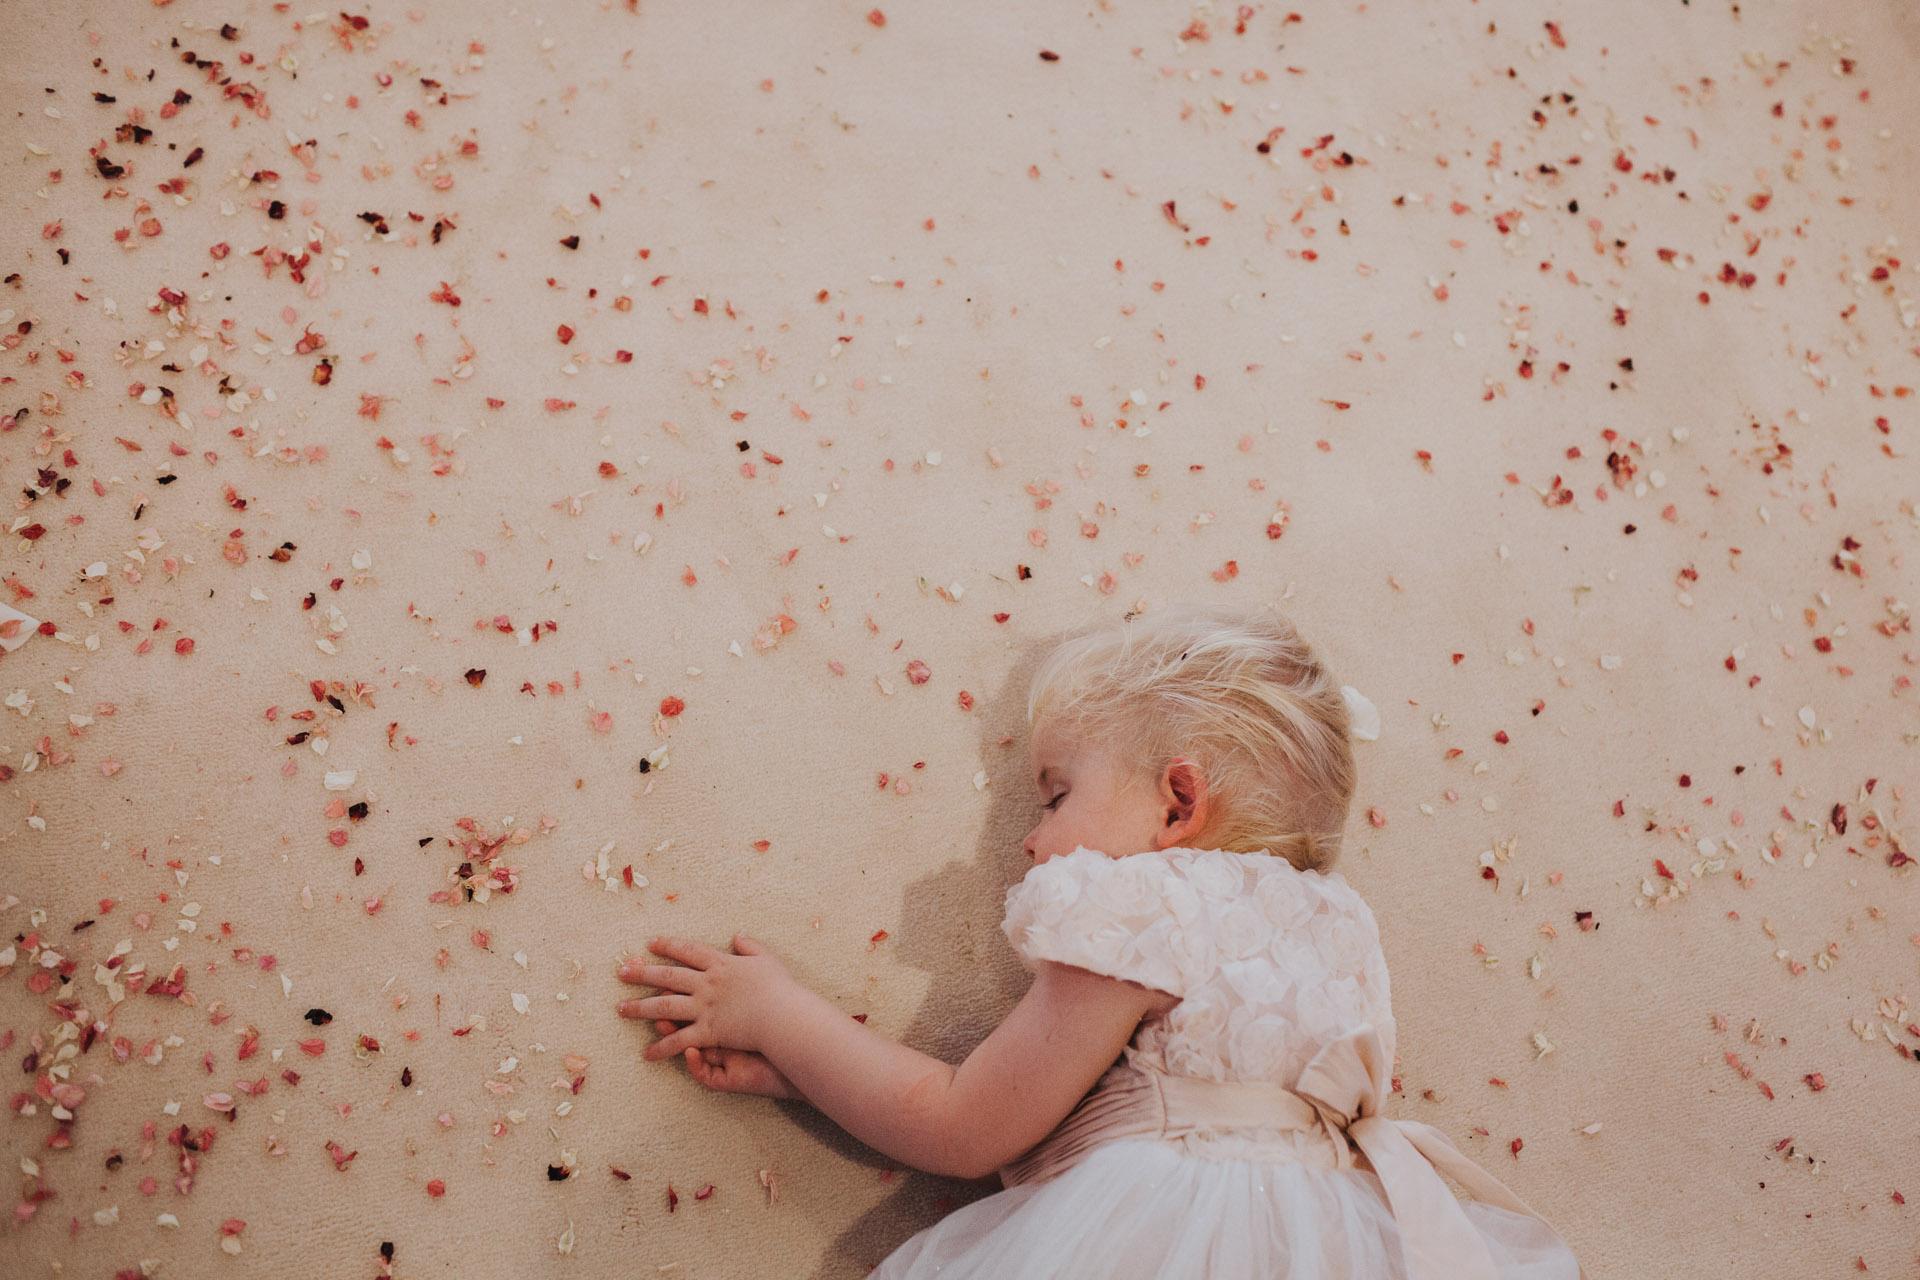 flower girl sleeps on confetti covered floor.